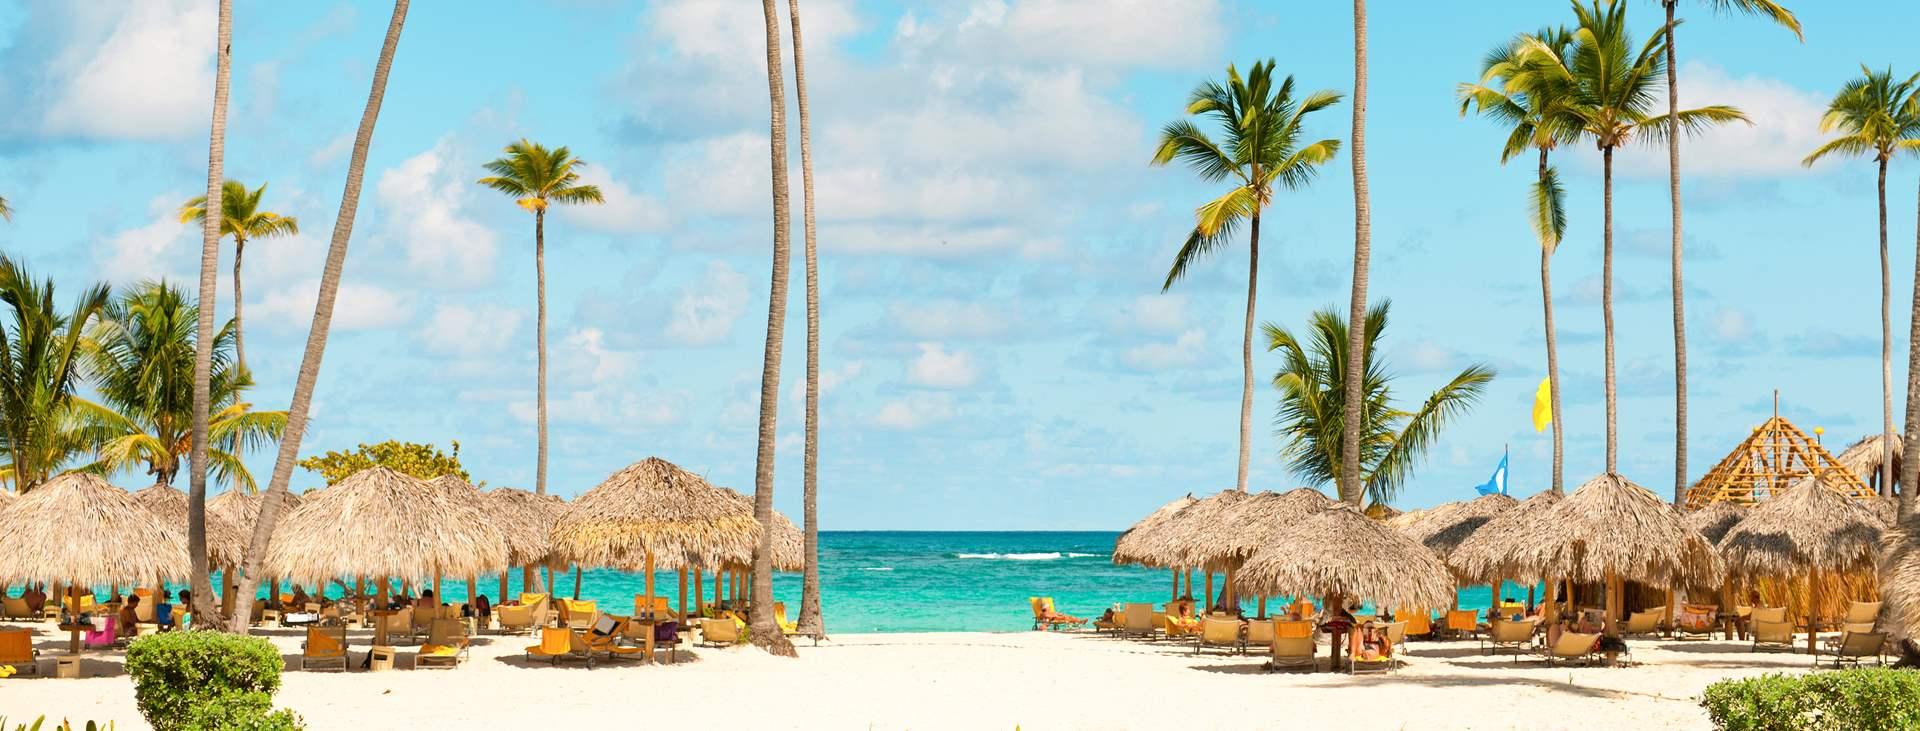 Boka en resa med All Inclusive till Punta Cana